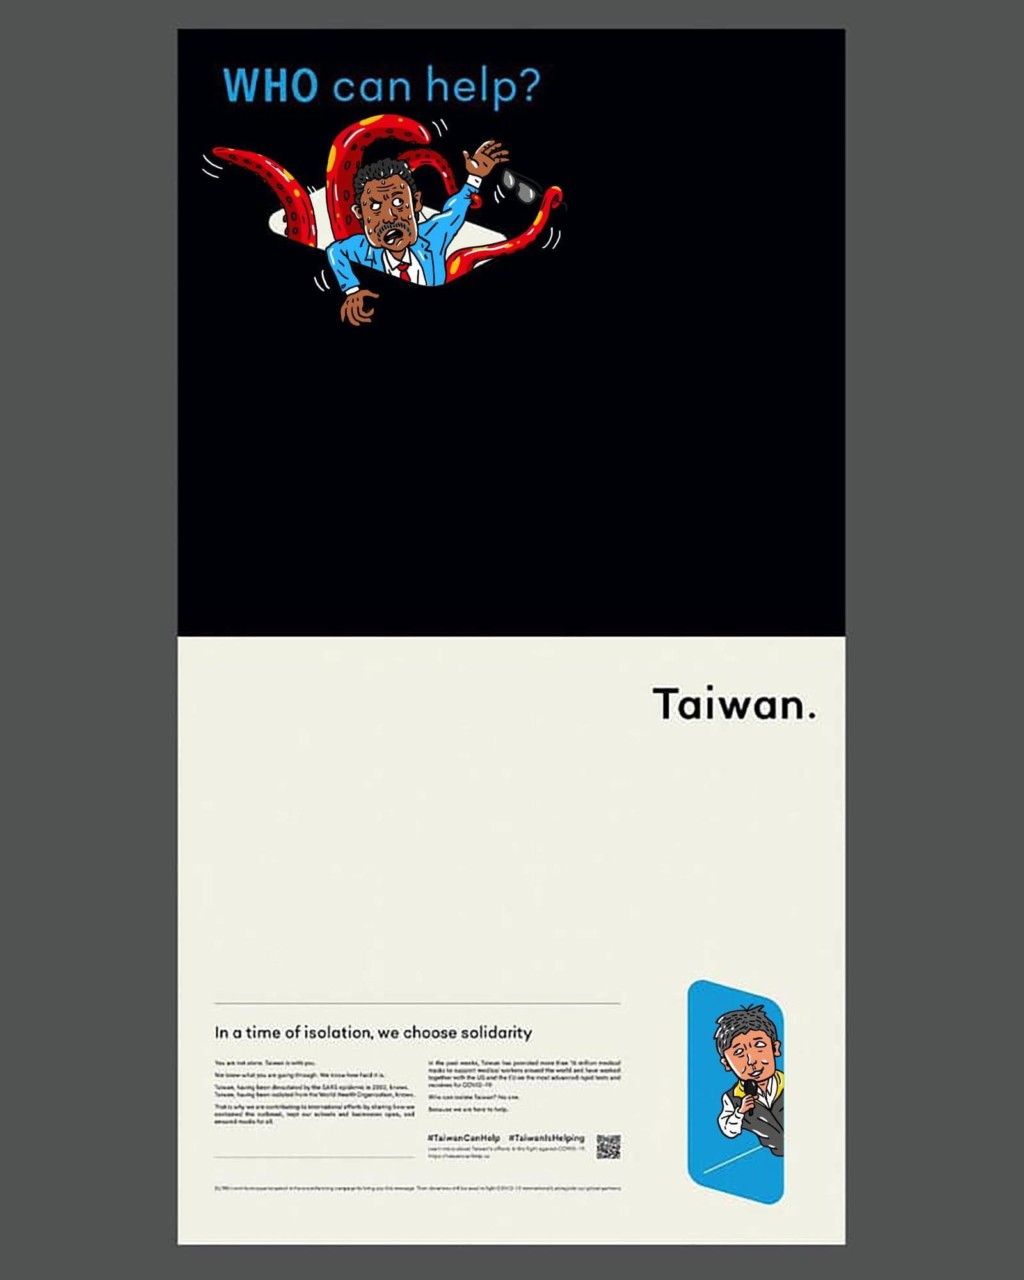 阿滴《紐約時報》廣告「被網友惡搞」 台灣長輩也上頭條!